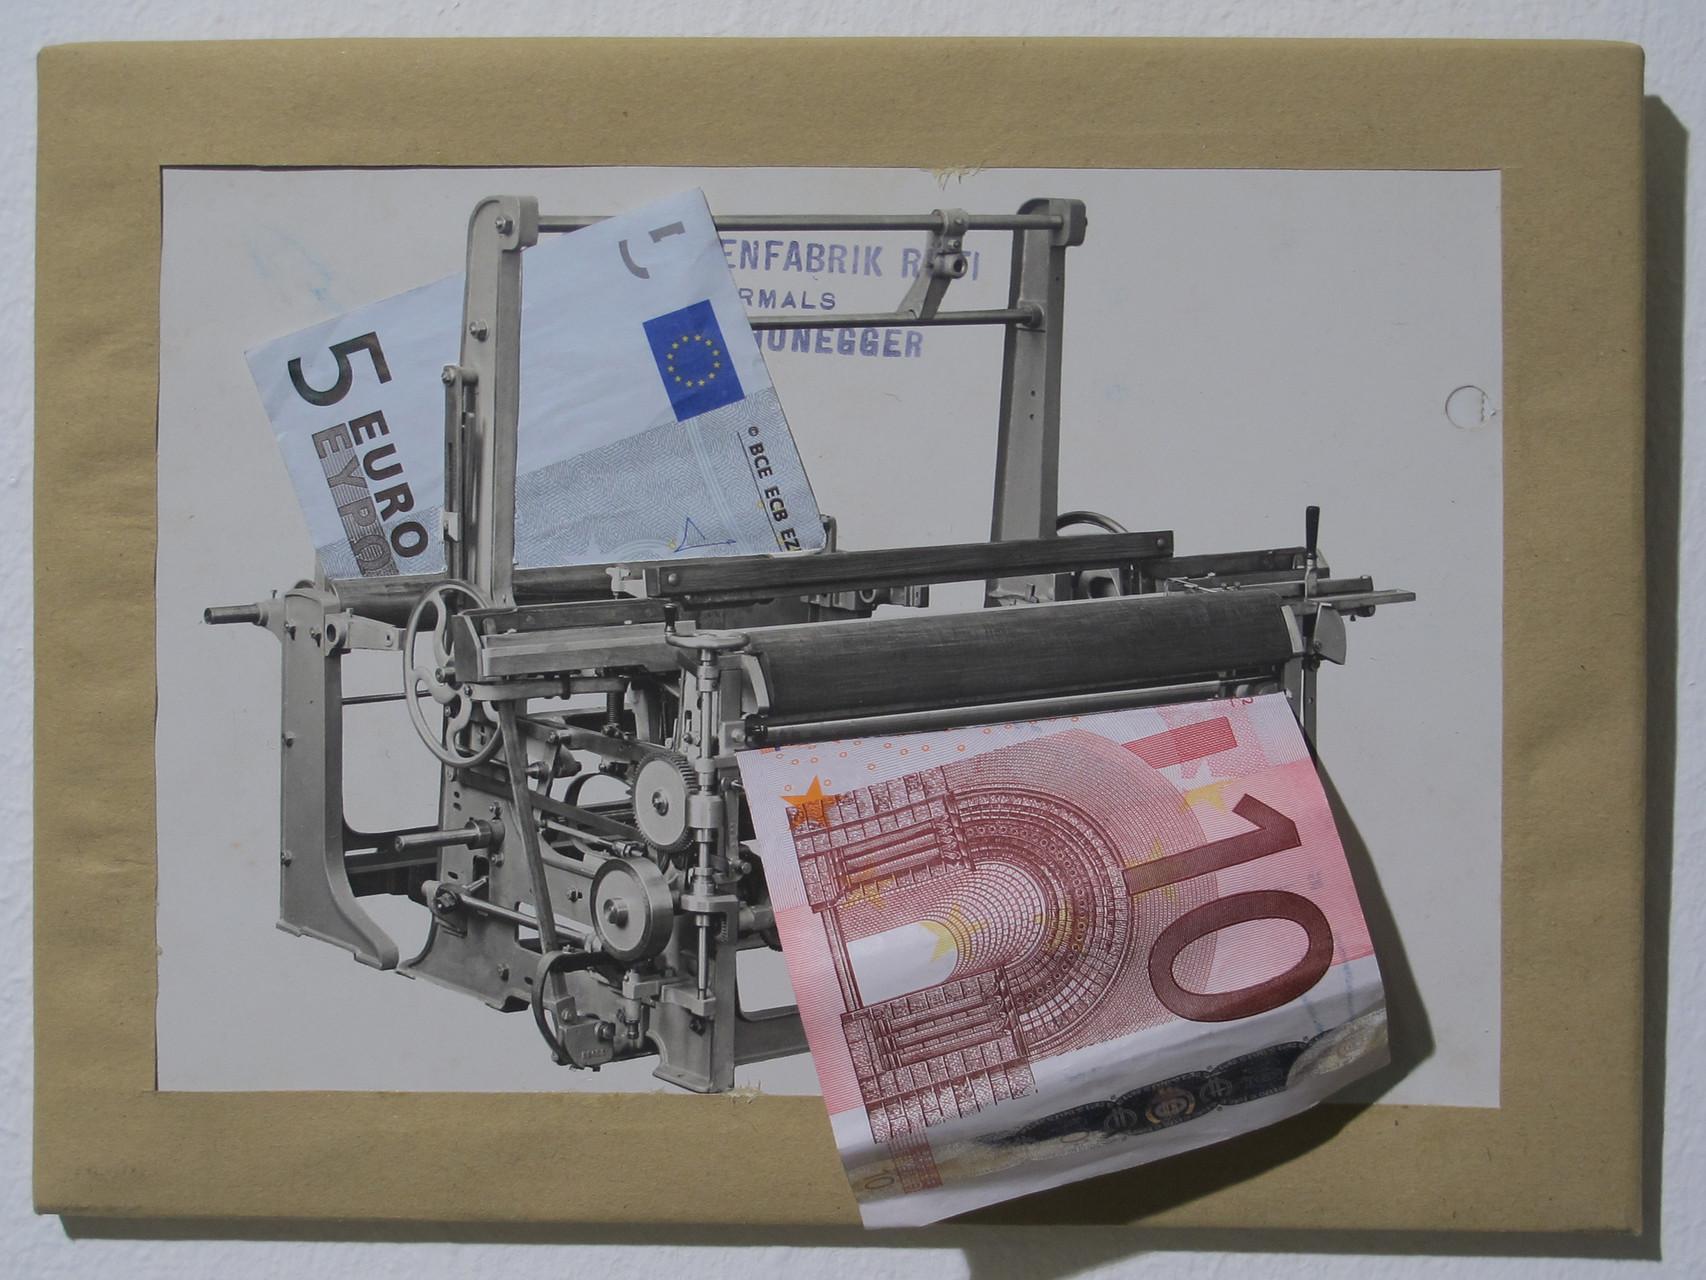 Geldmaschine aka Realfinanz (W.Wallner)